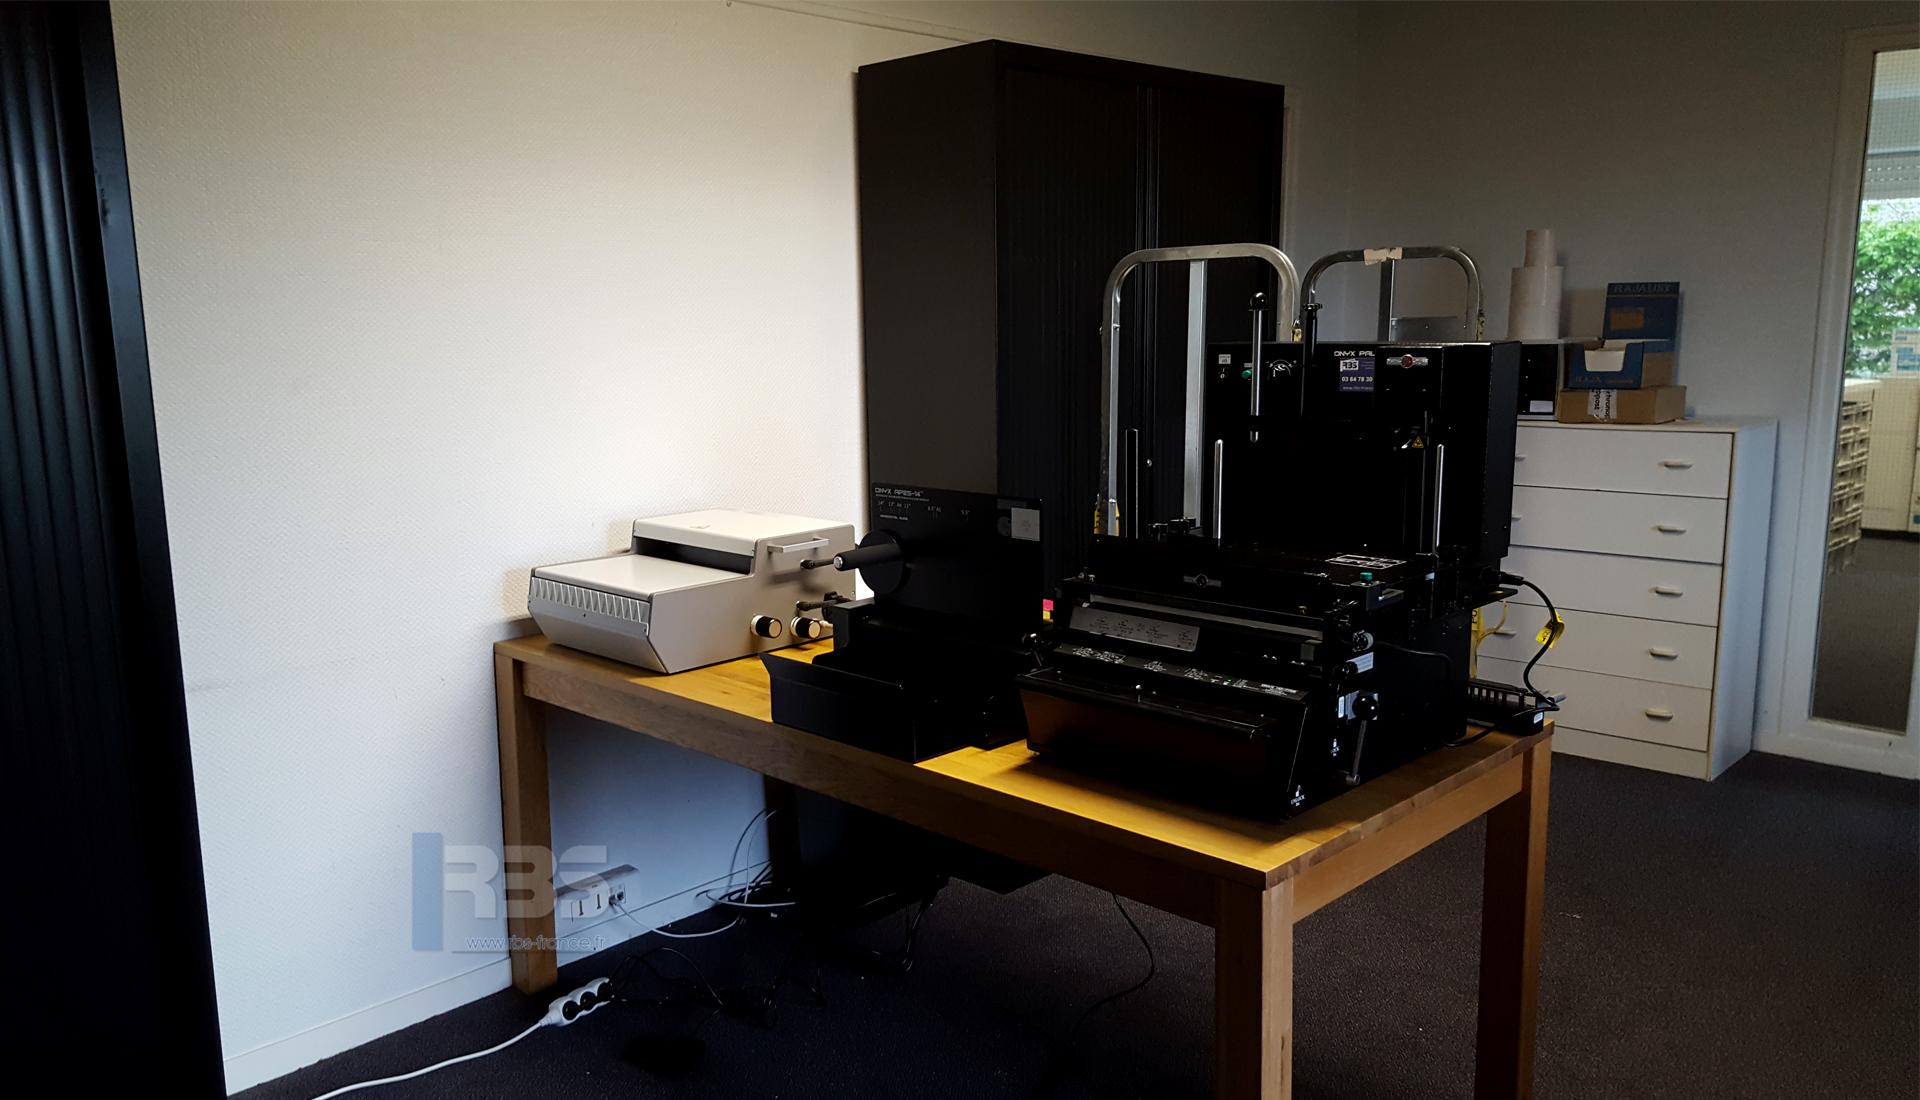 Module De Reliure Automatique 3 En 1 Pps Onyx Hd 7700 Ultima Et Wbs 3600 Au Bureau